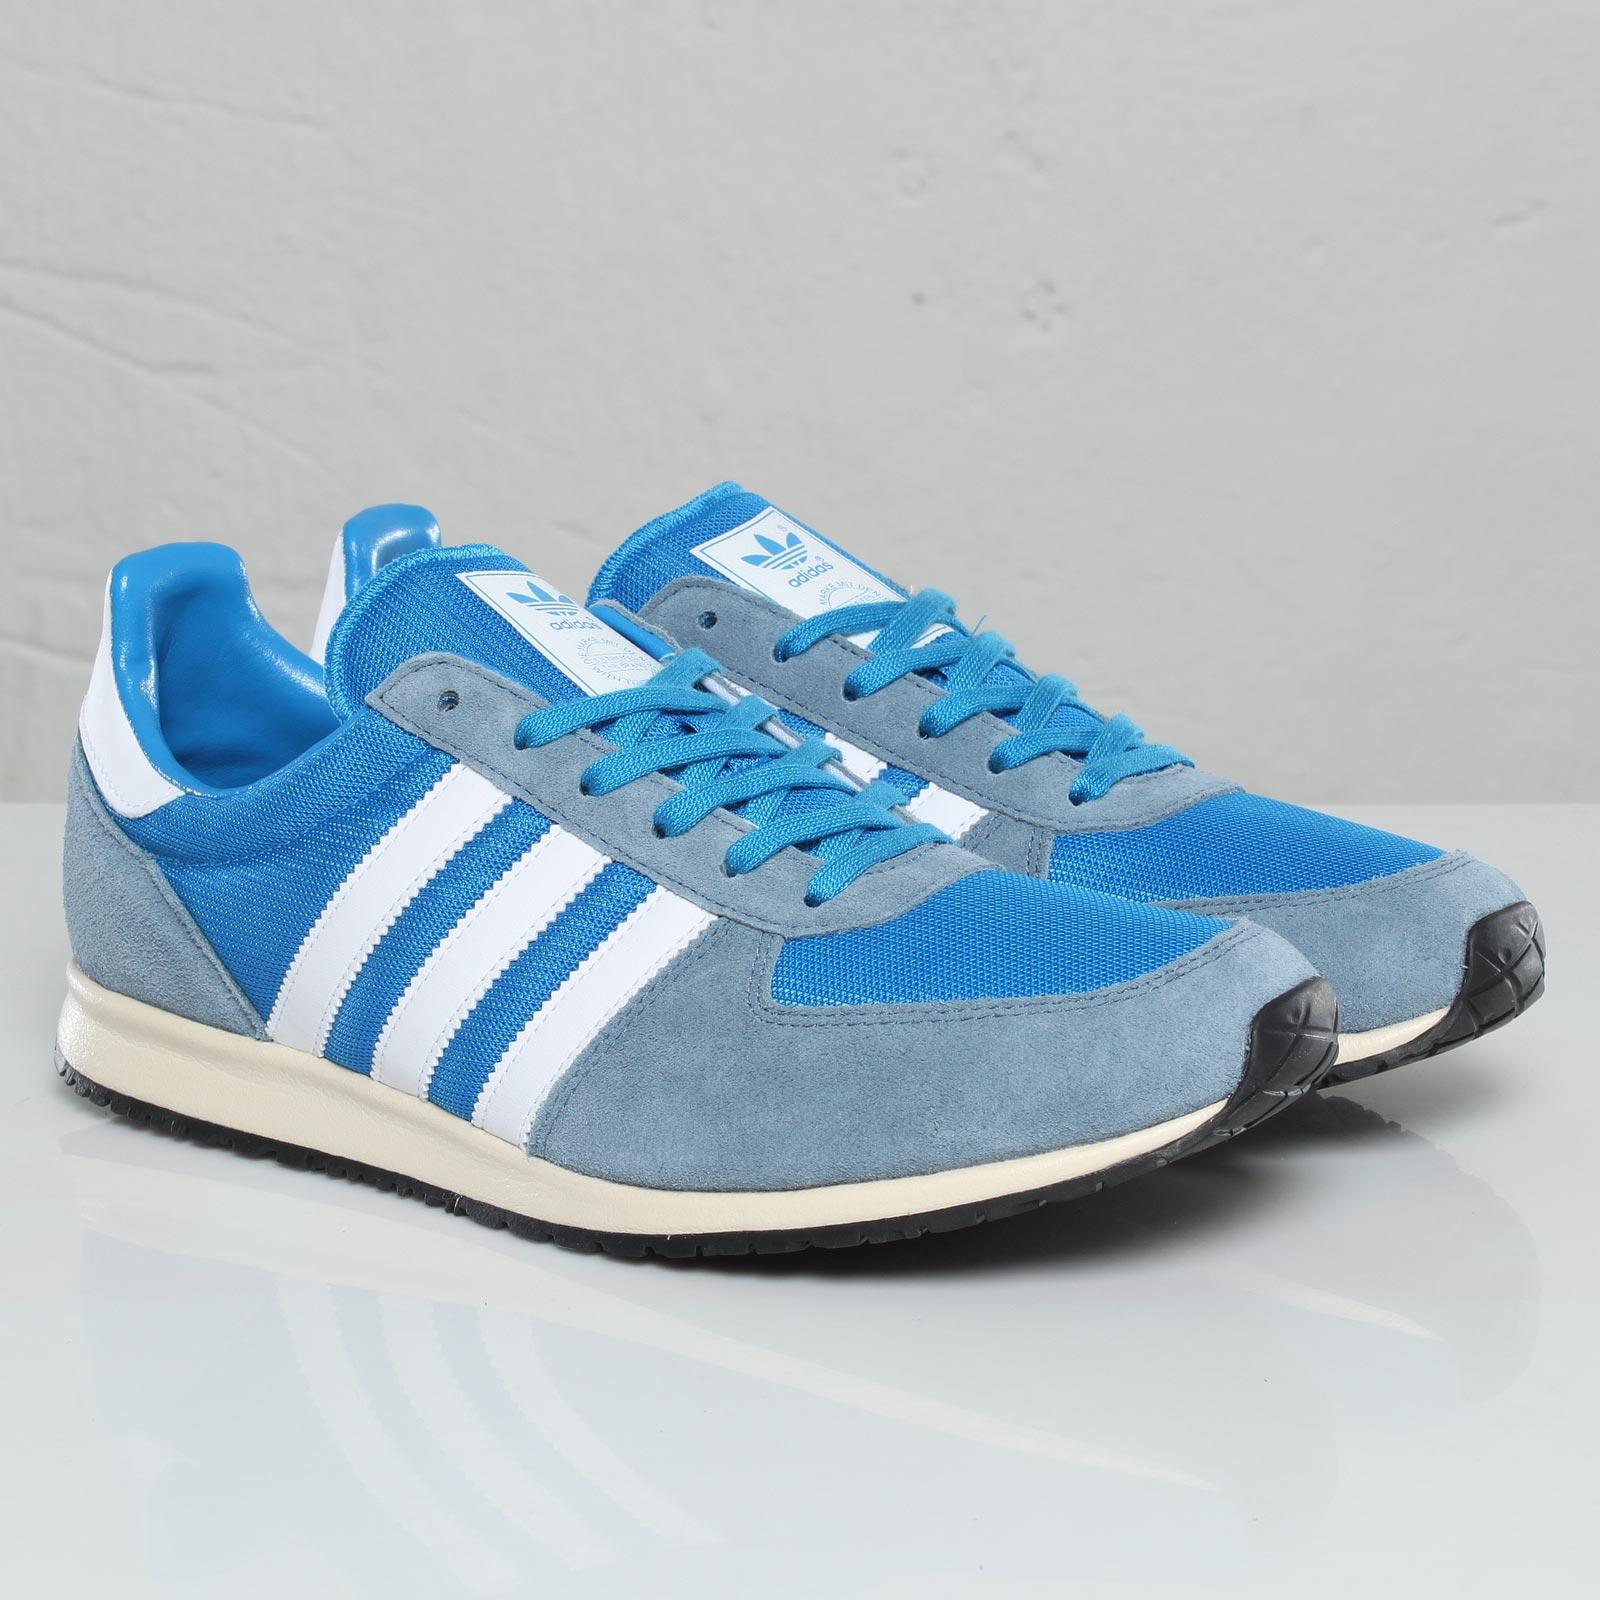 adidas Adistar Racer - 102892 - SNS | sneakers & streetwear online ...